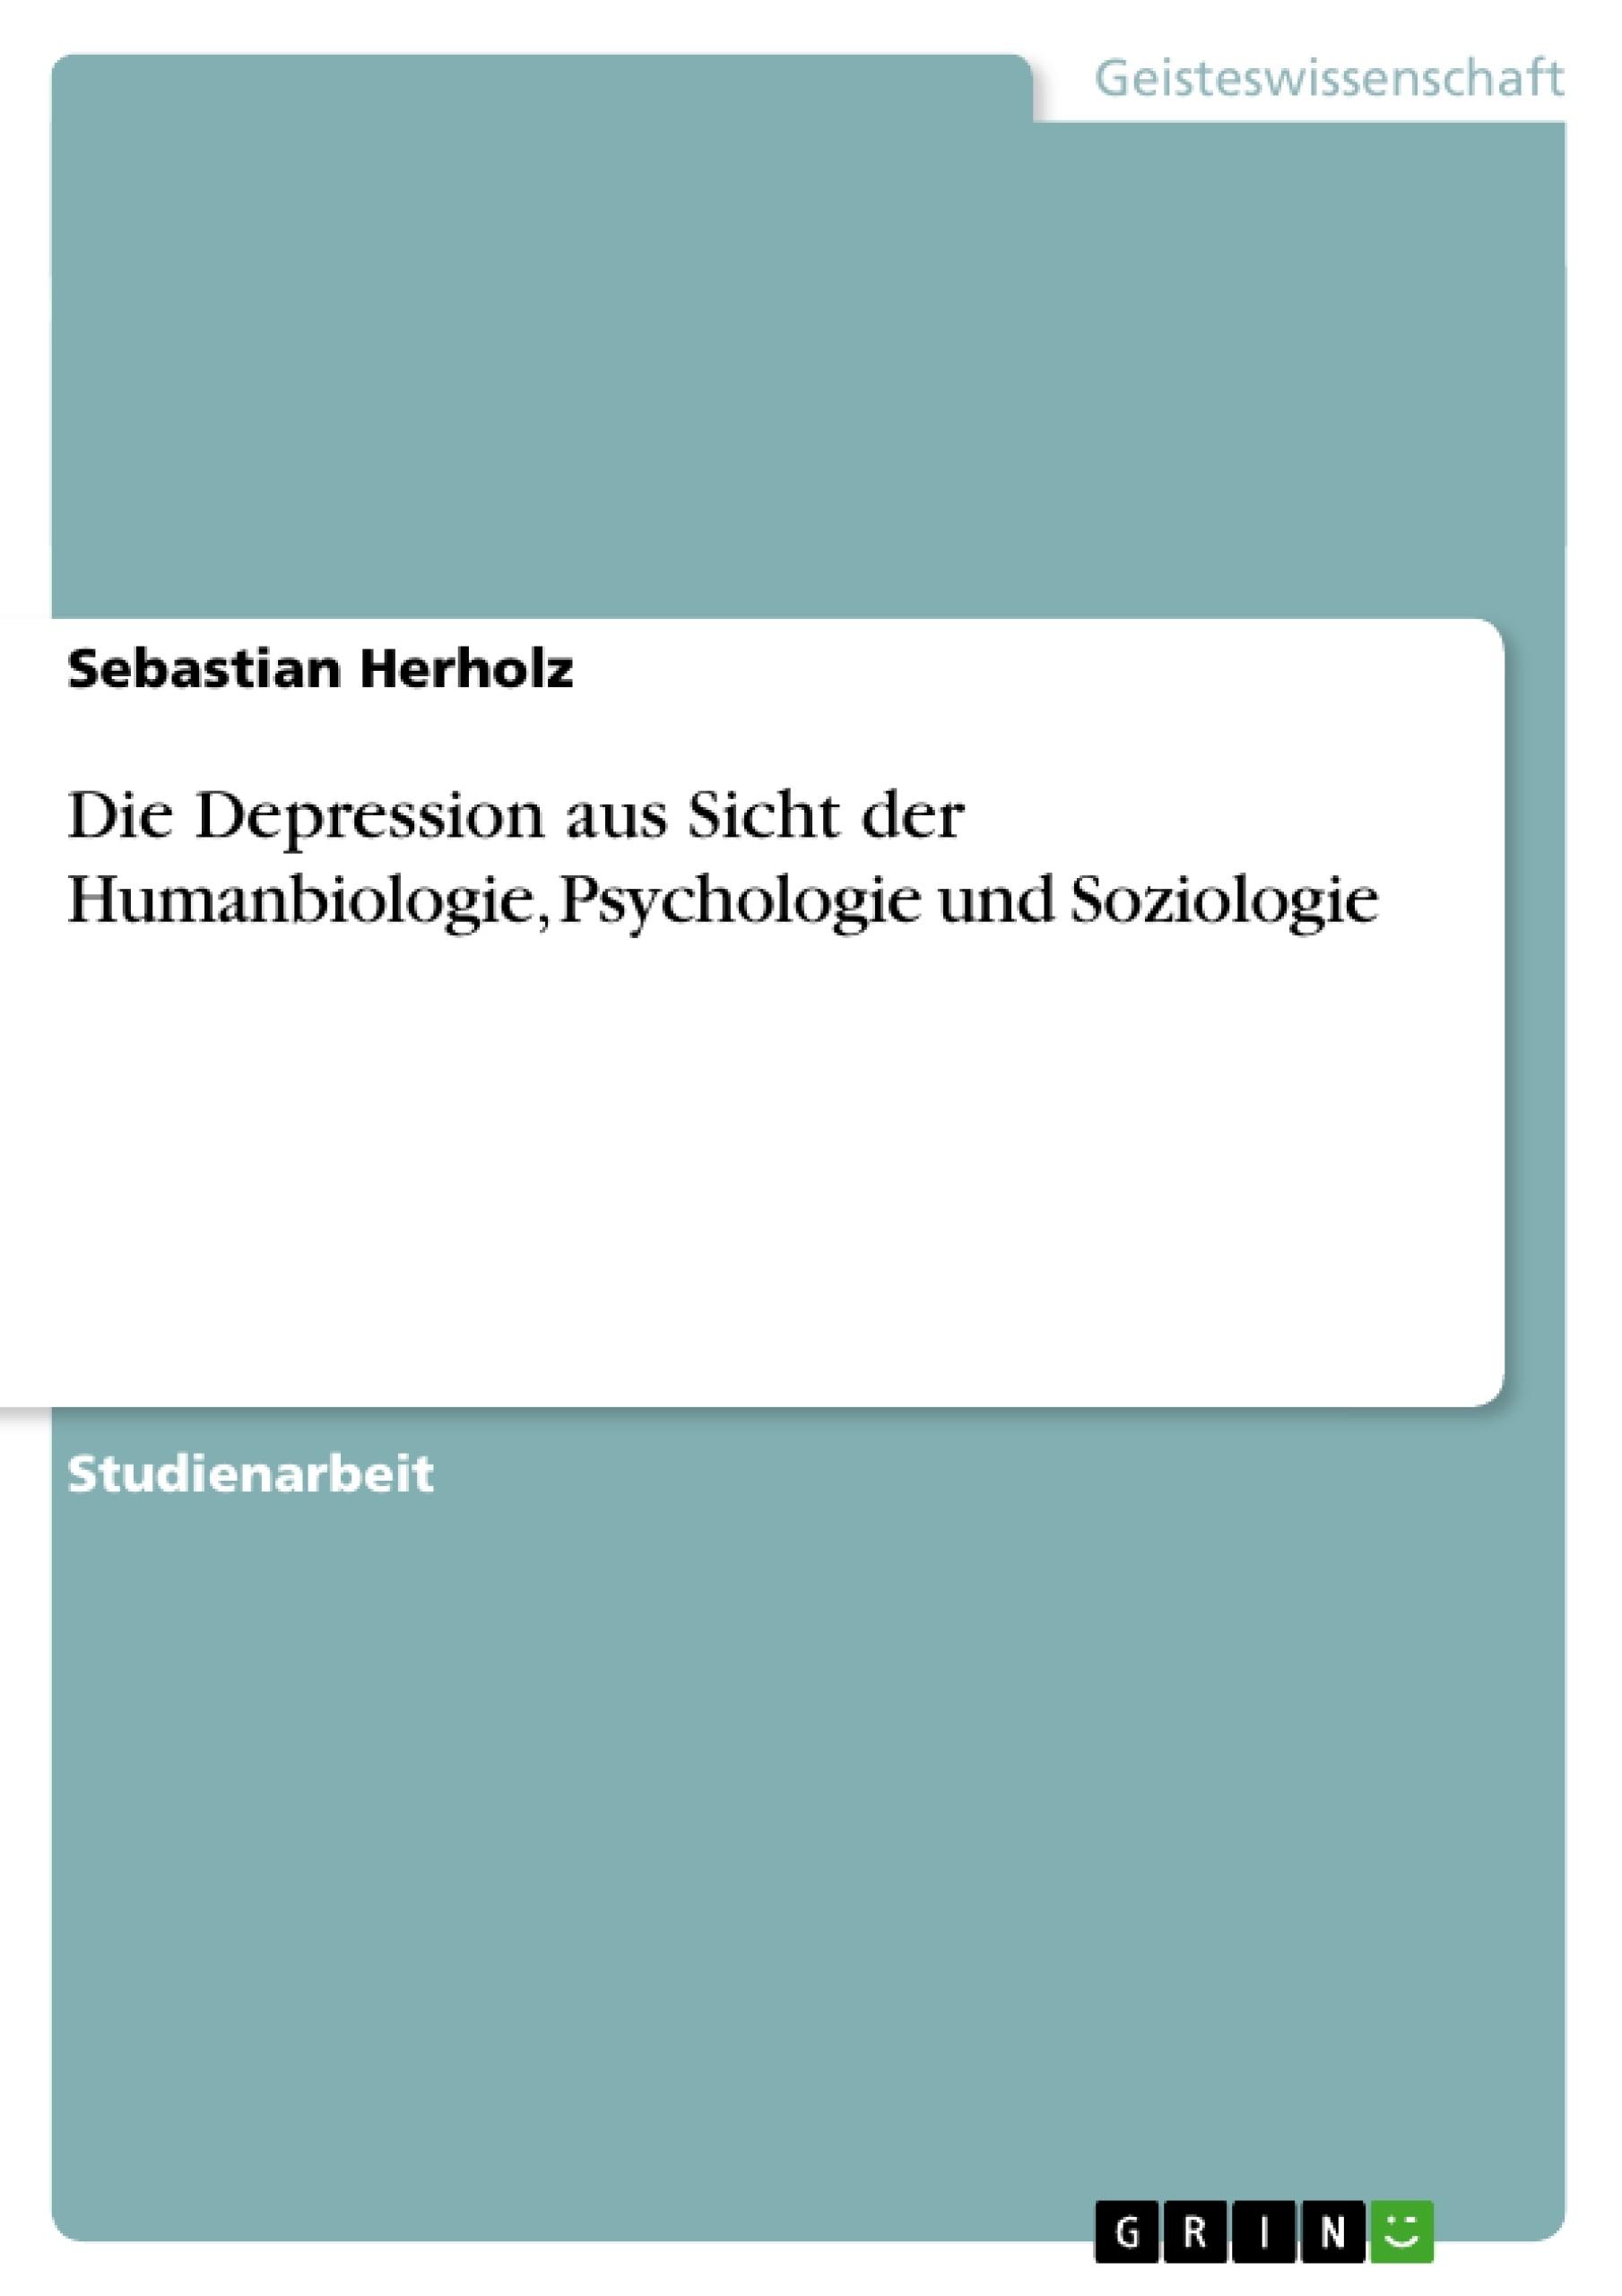 Titel: Die Depression aus Sicht der Humanbiologie, Psychologie und Soziologie